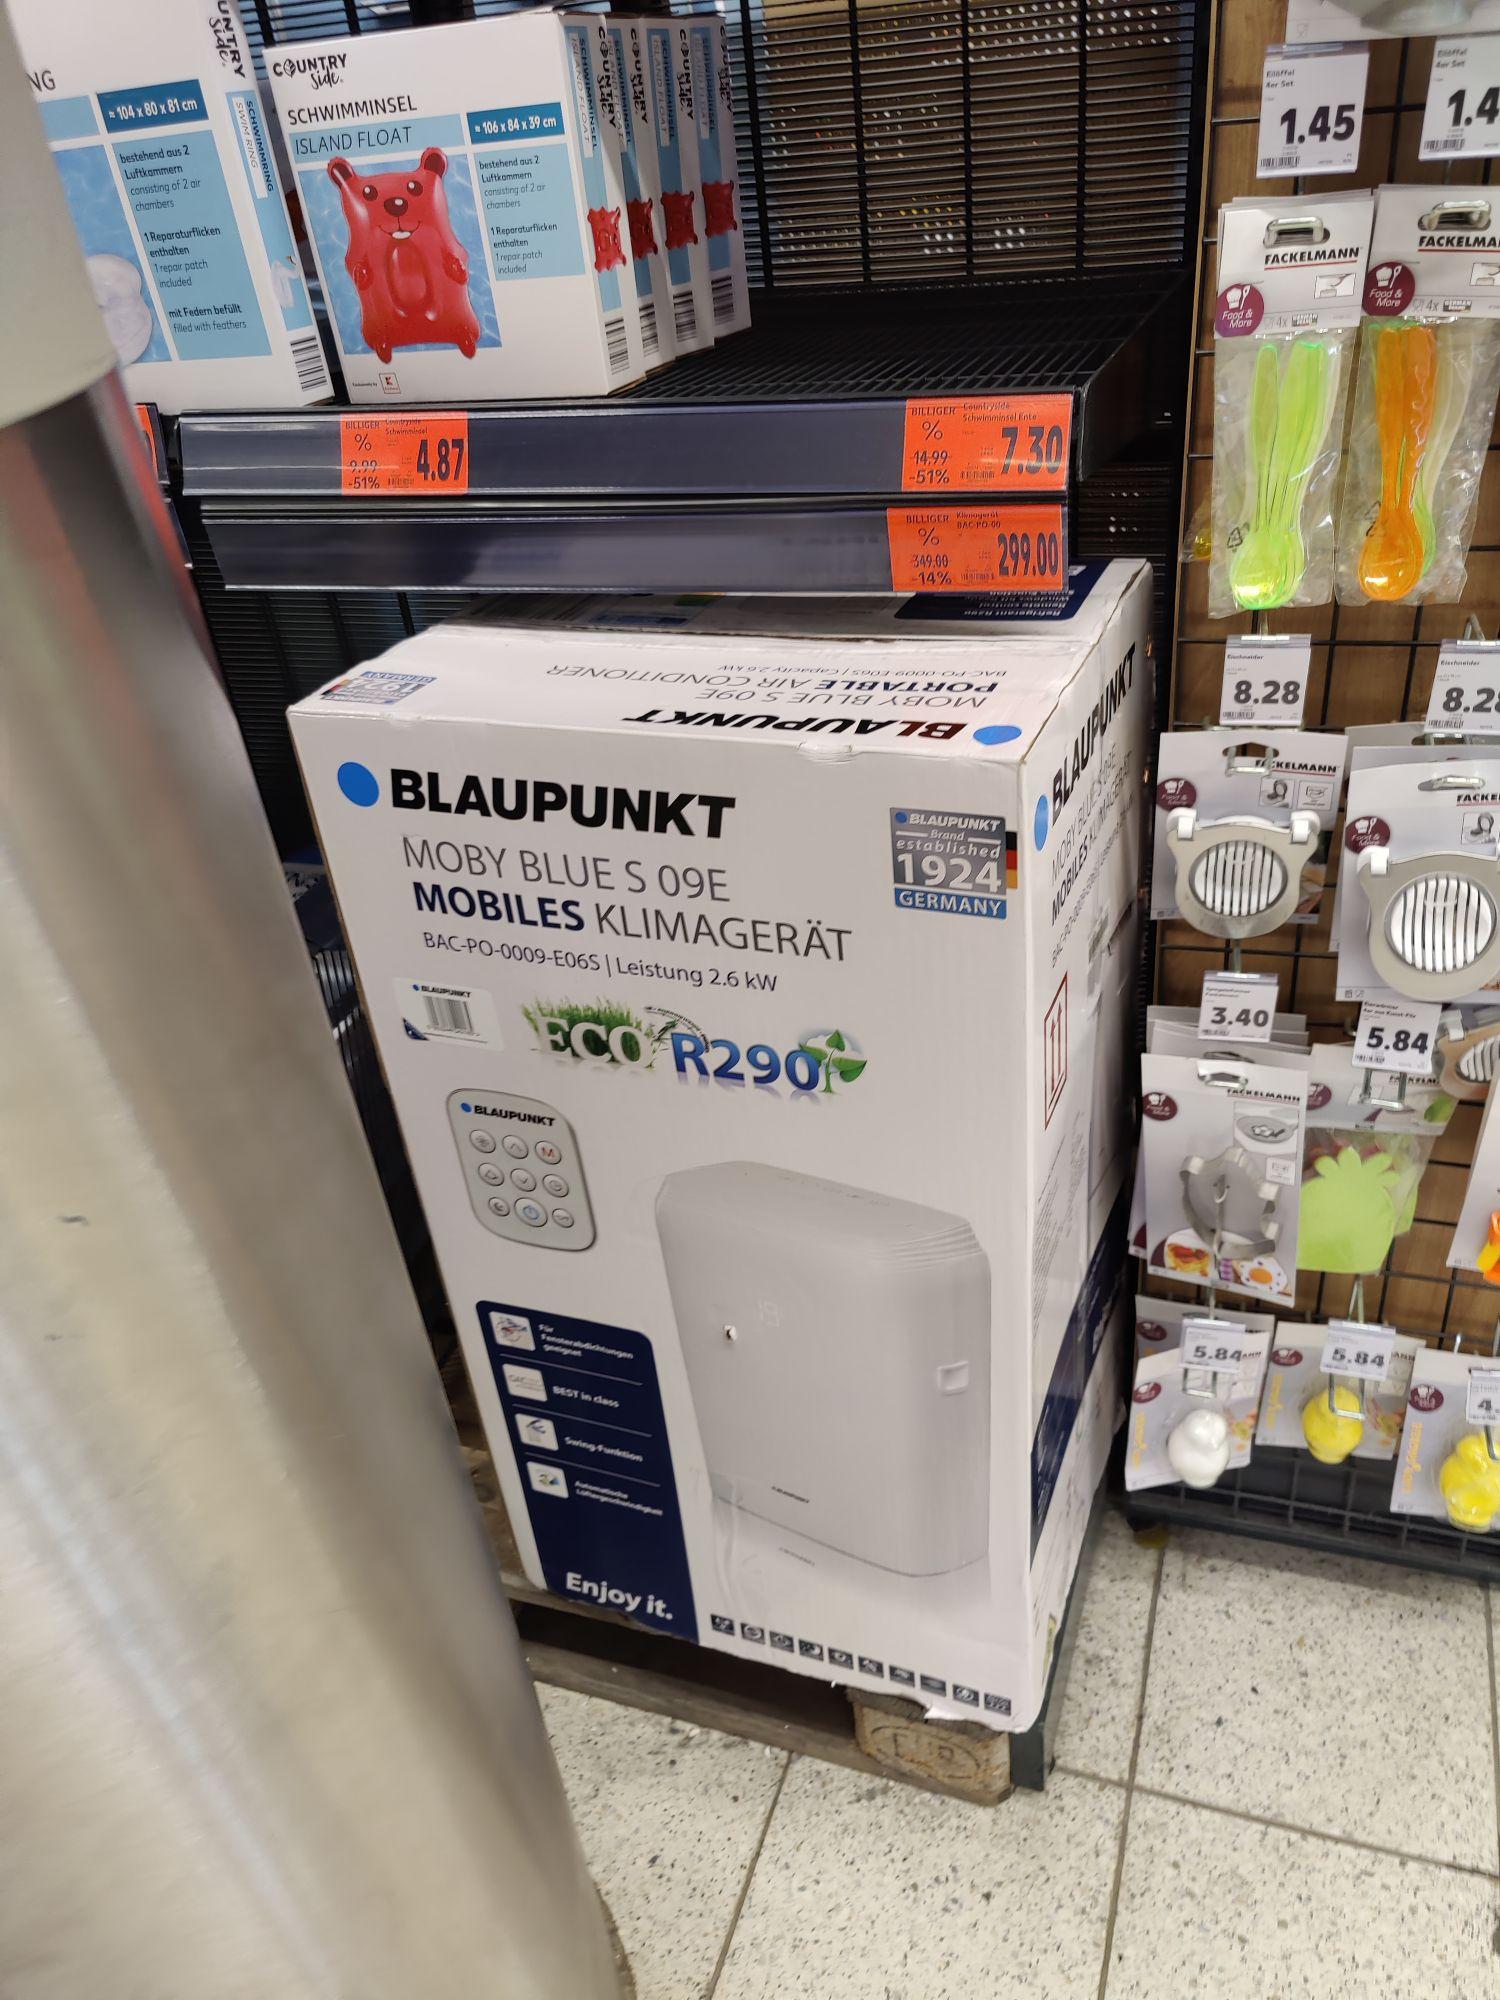 Bei Kaufland Karlsruhe (LOKAL) | Blaupunkt Klimagerät BAC po 0009 (Luftentfeuchter, Kühlen, Ventilator) mit Fernbedienung